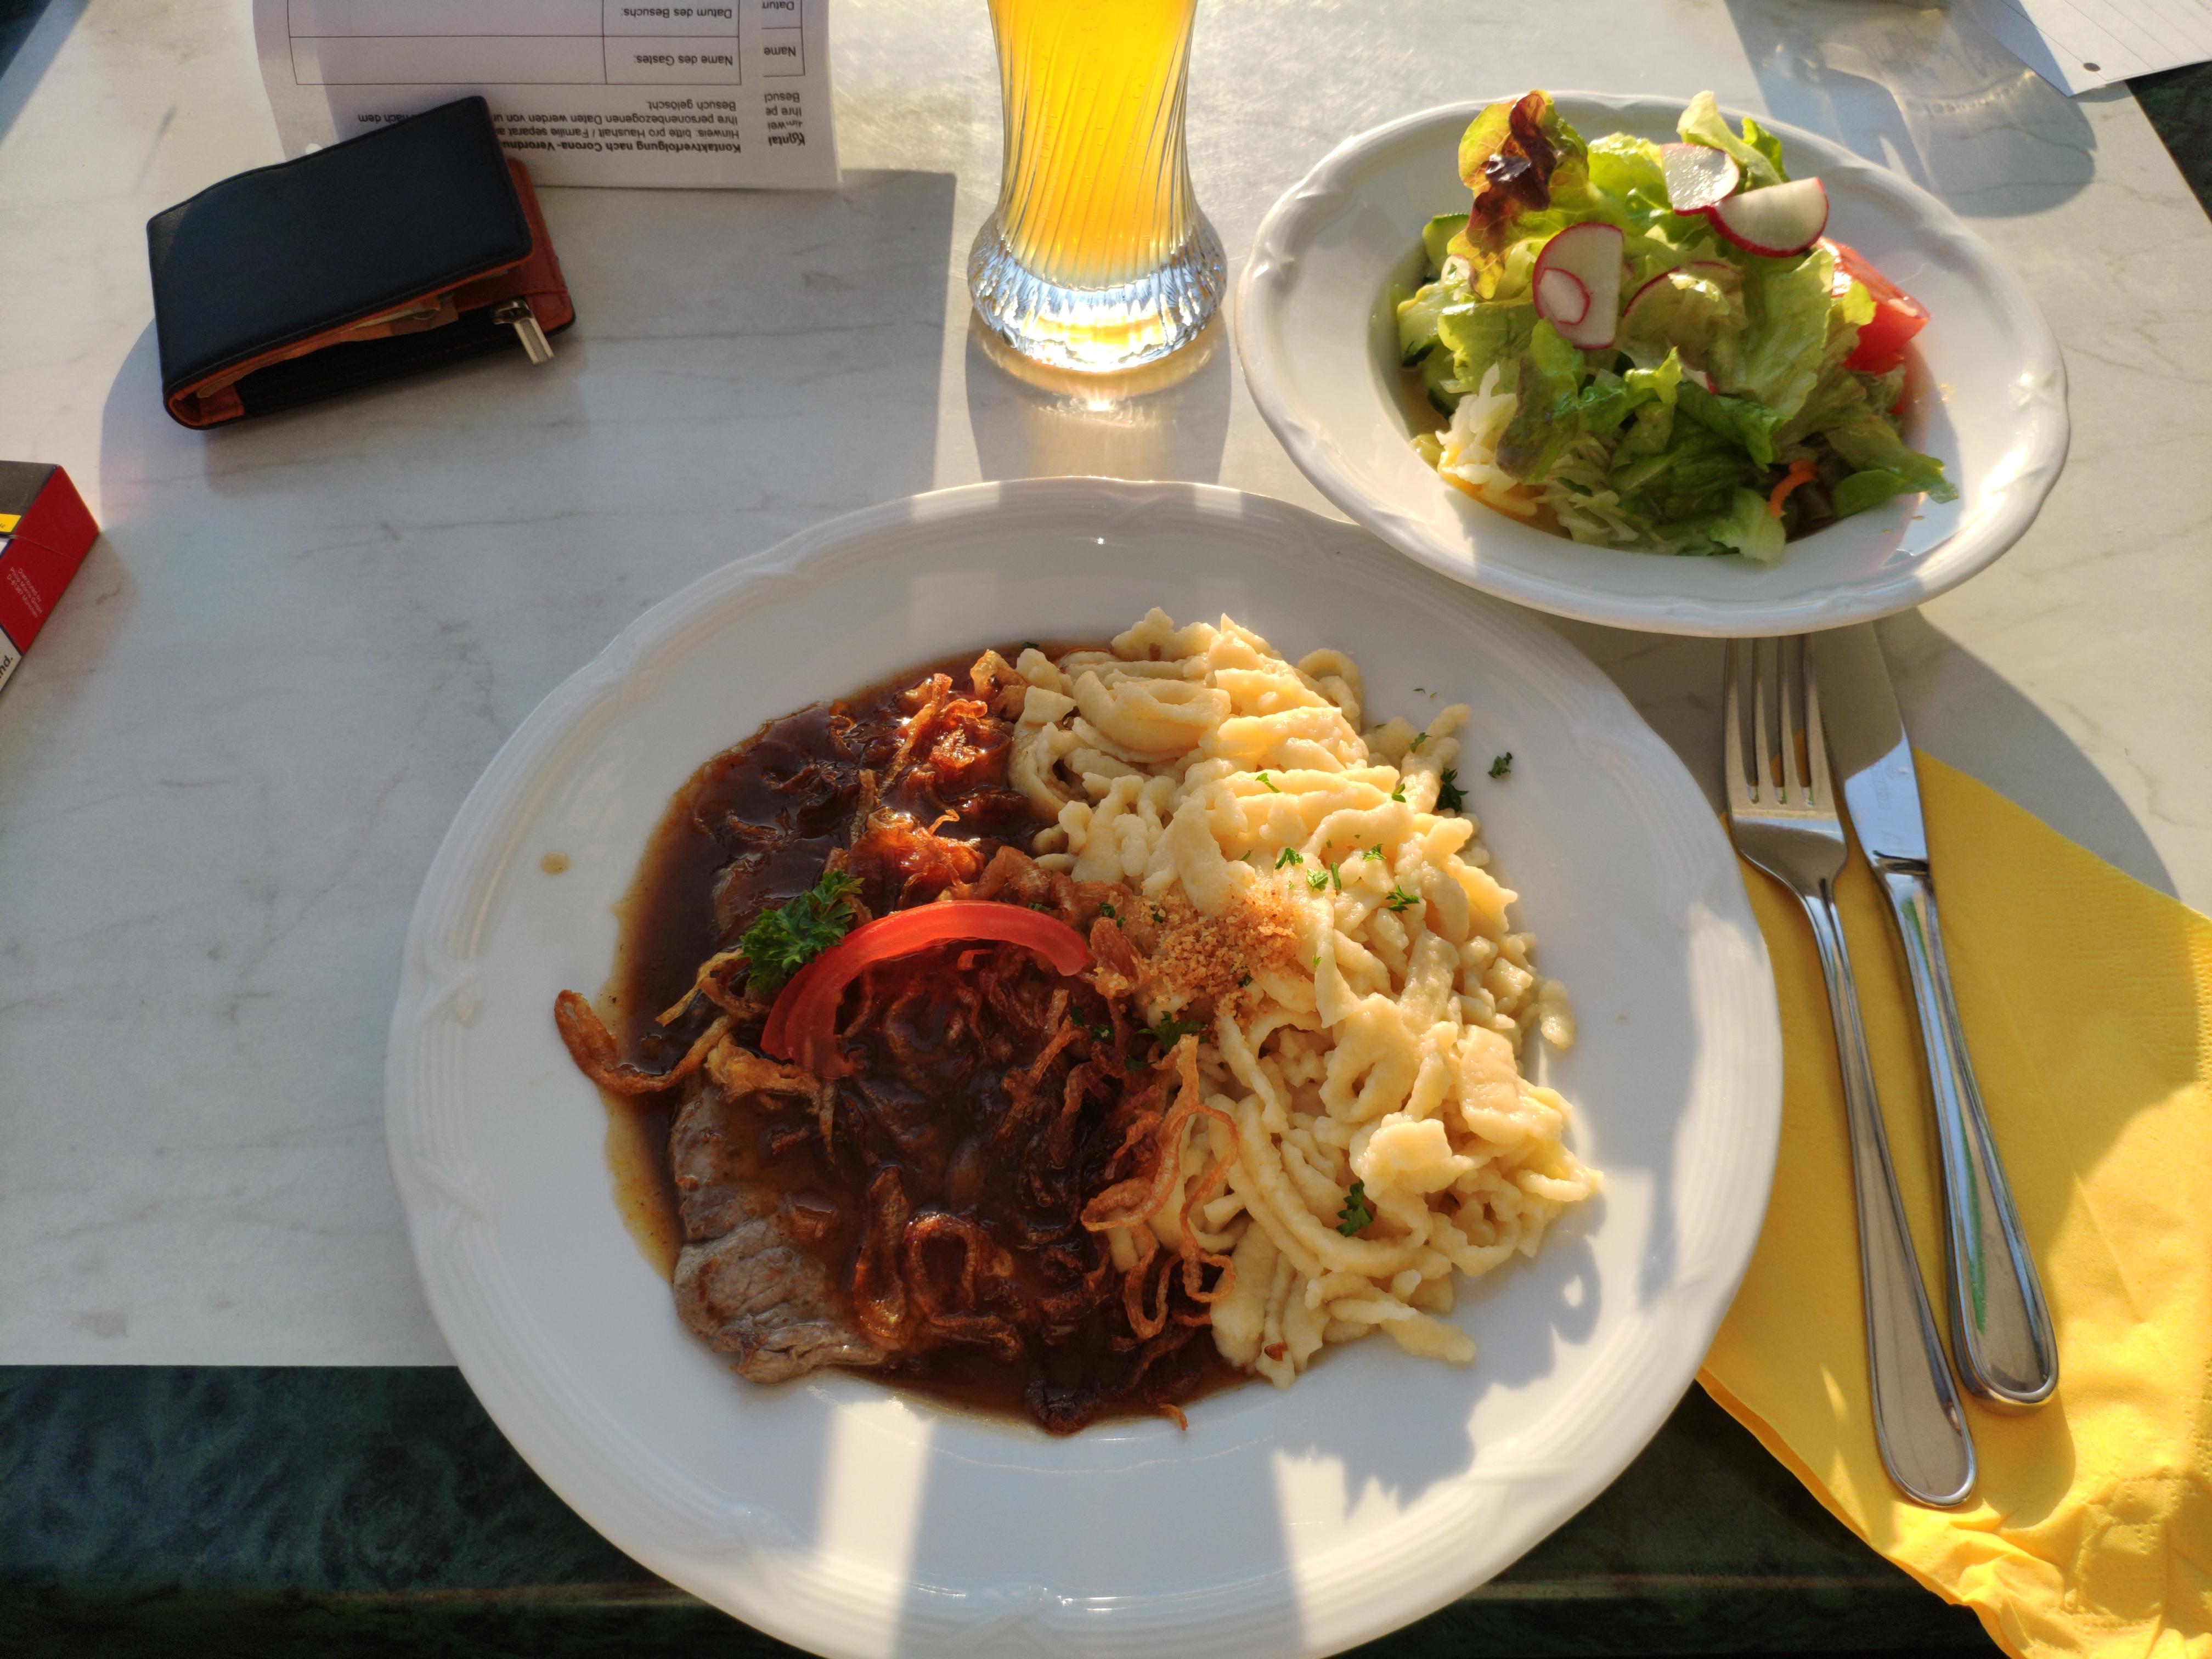 https://foodloader.net/nico_2020-08-09_zwiebelrostbraten-mit-spaetzle-und-salat.jpg